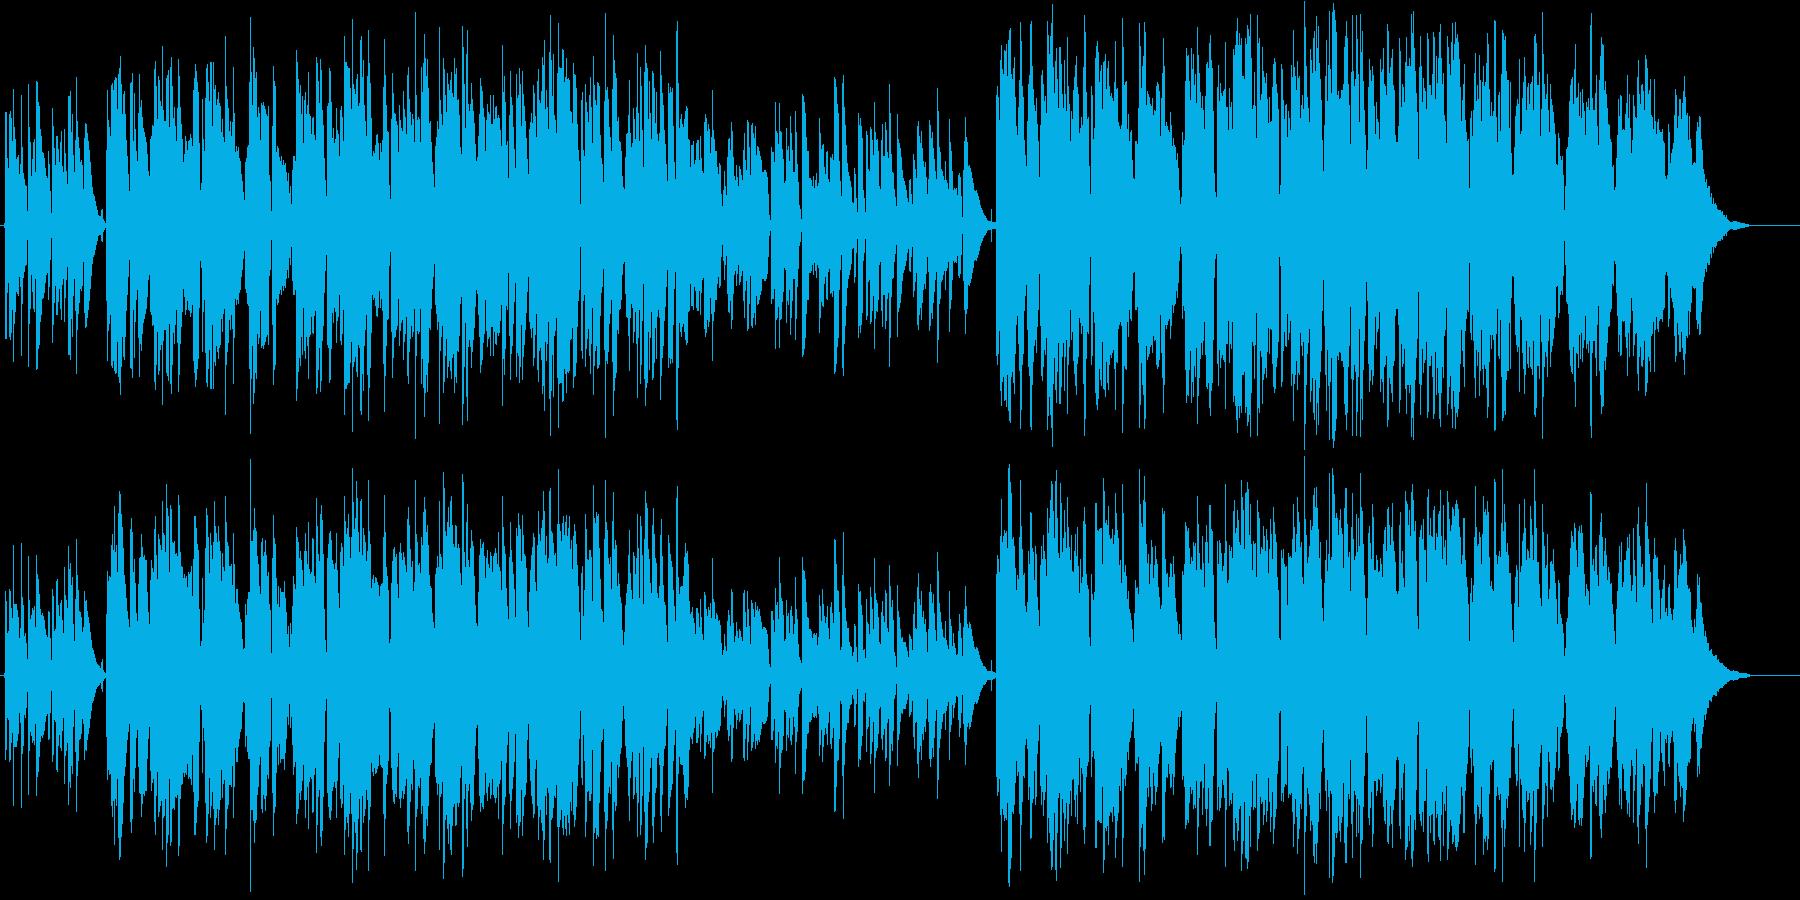 心温まる切ないふるさと&村のケルト音楽の再生済みの波形